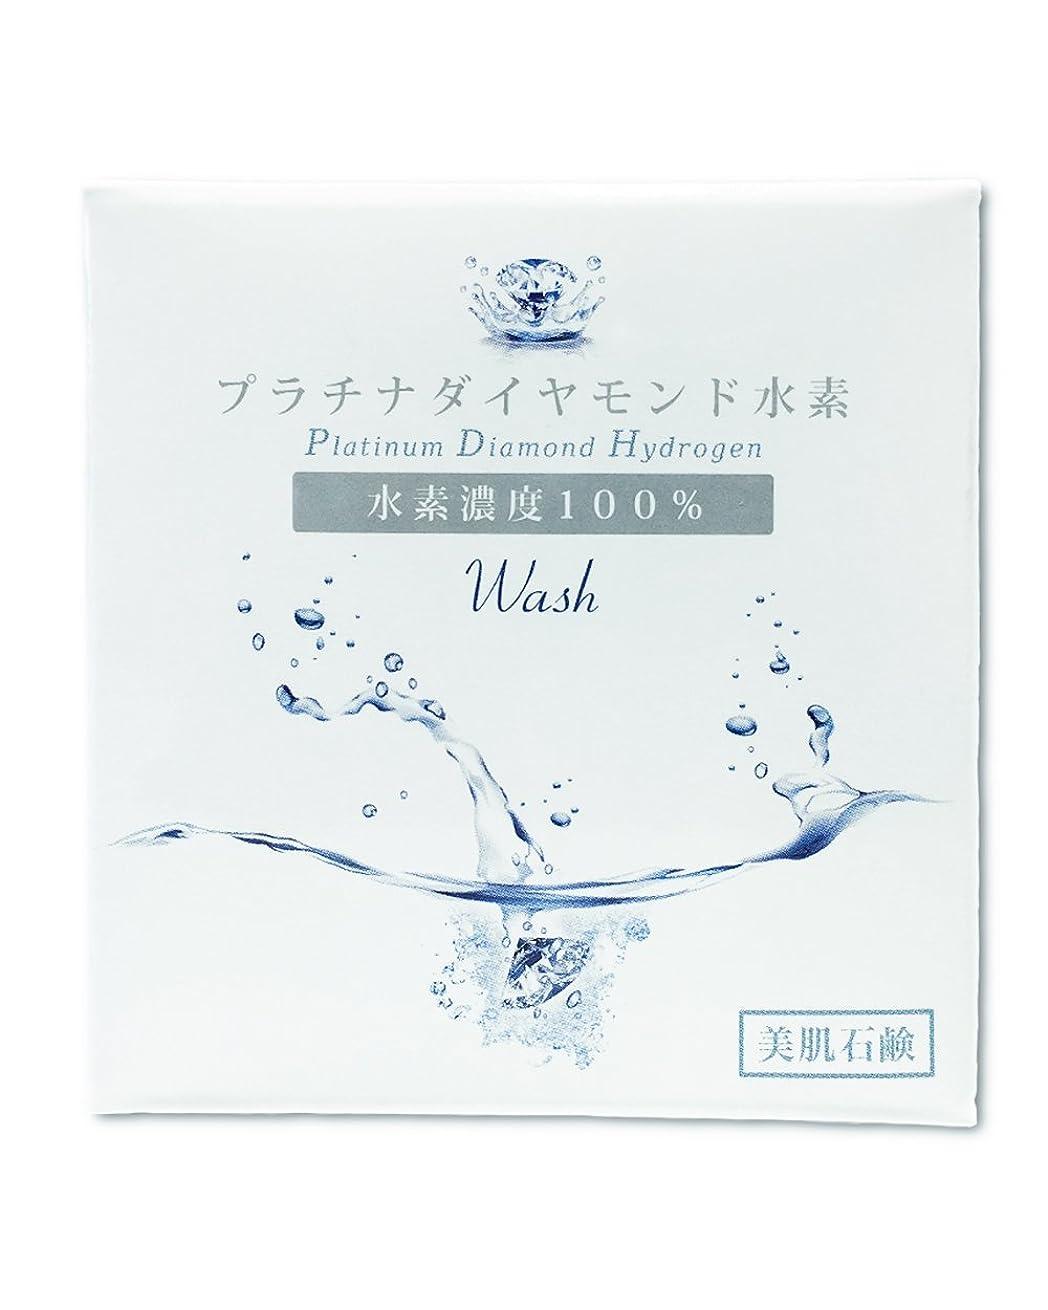 ミュートに話すロック解除水素石鹸 プラチナダイヤモンド水素Wash